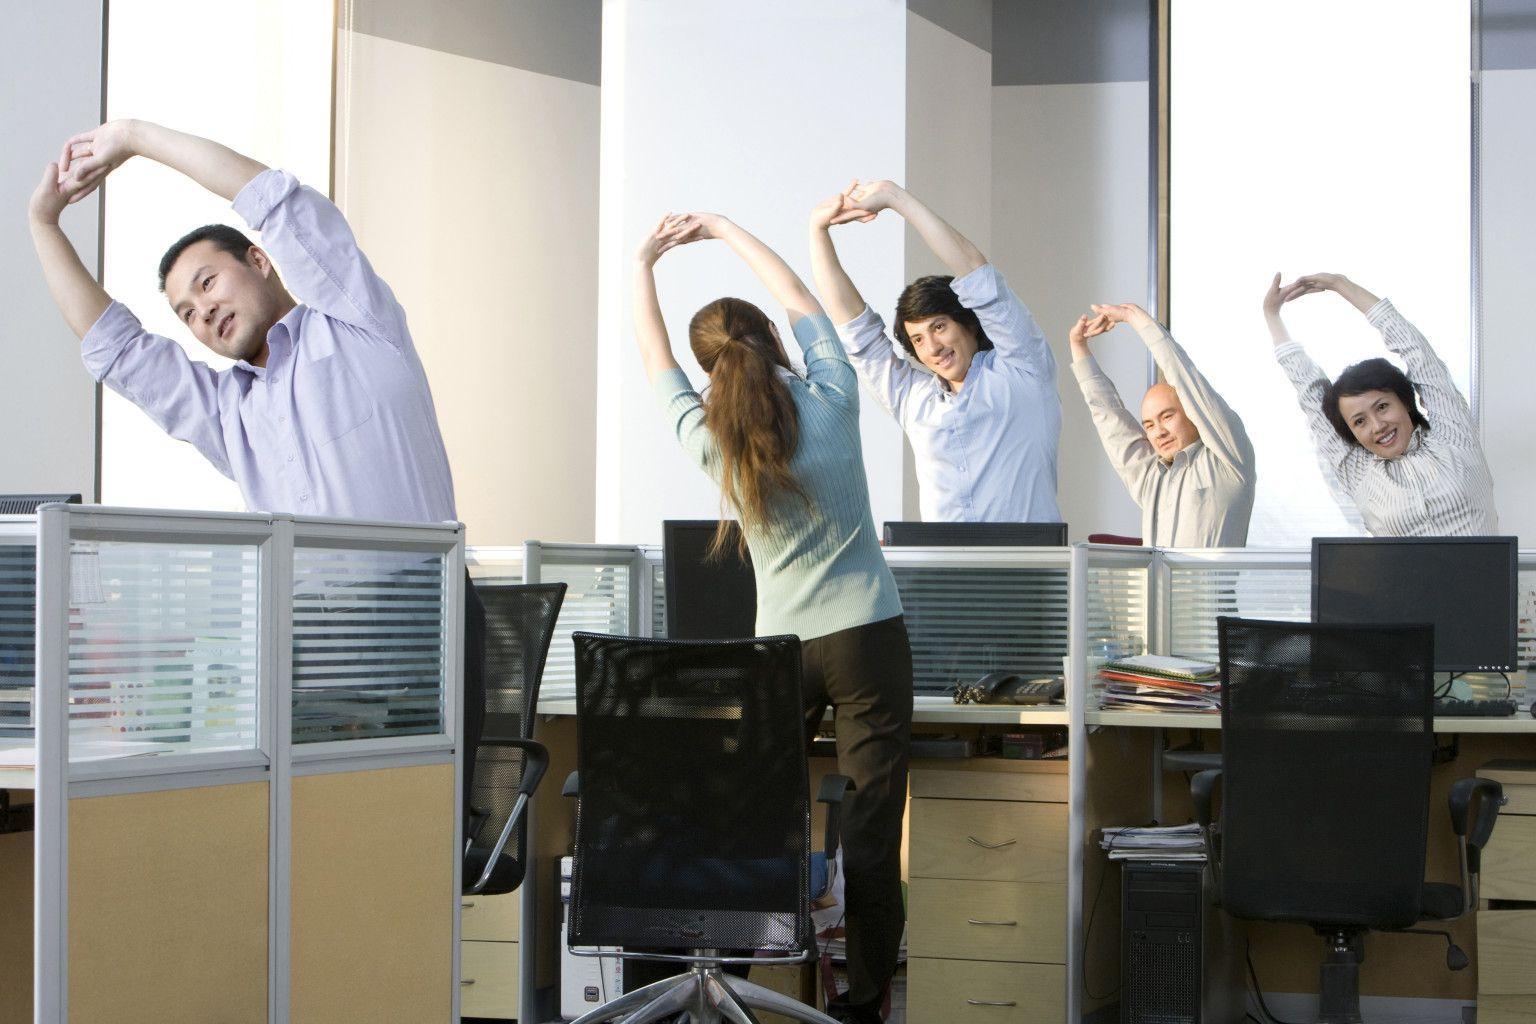 Спорт в офисе усиливает стресс